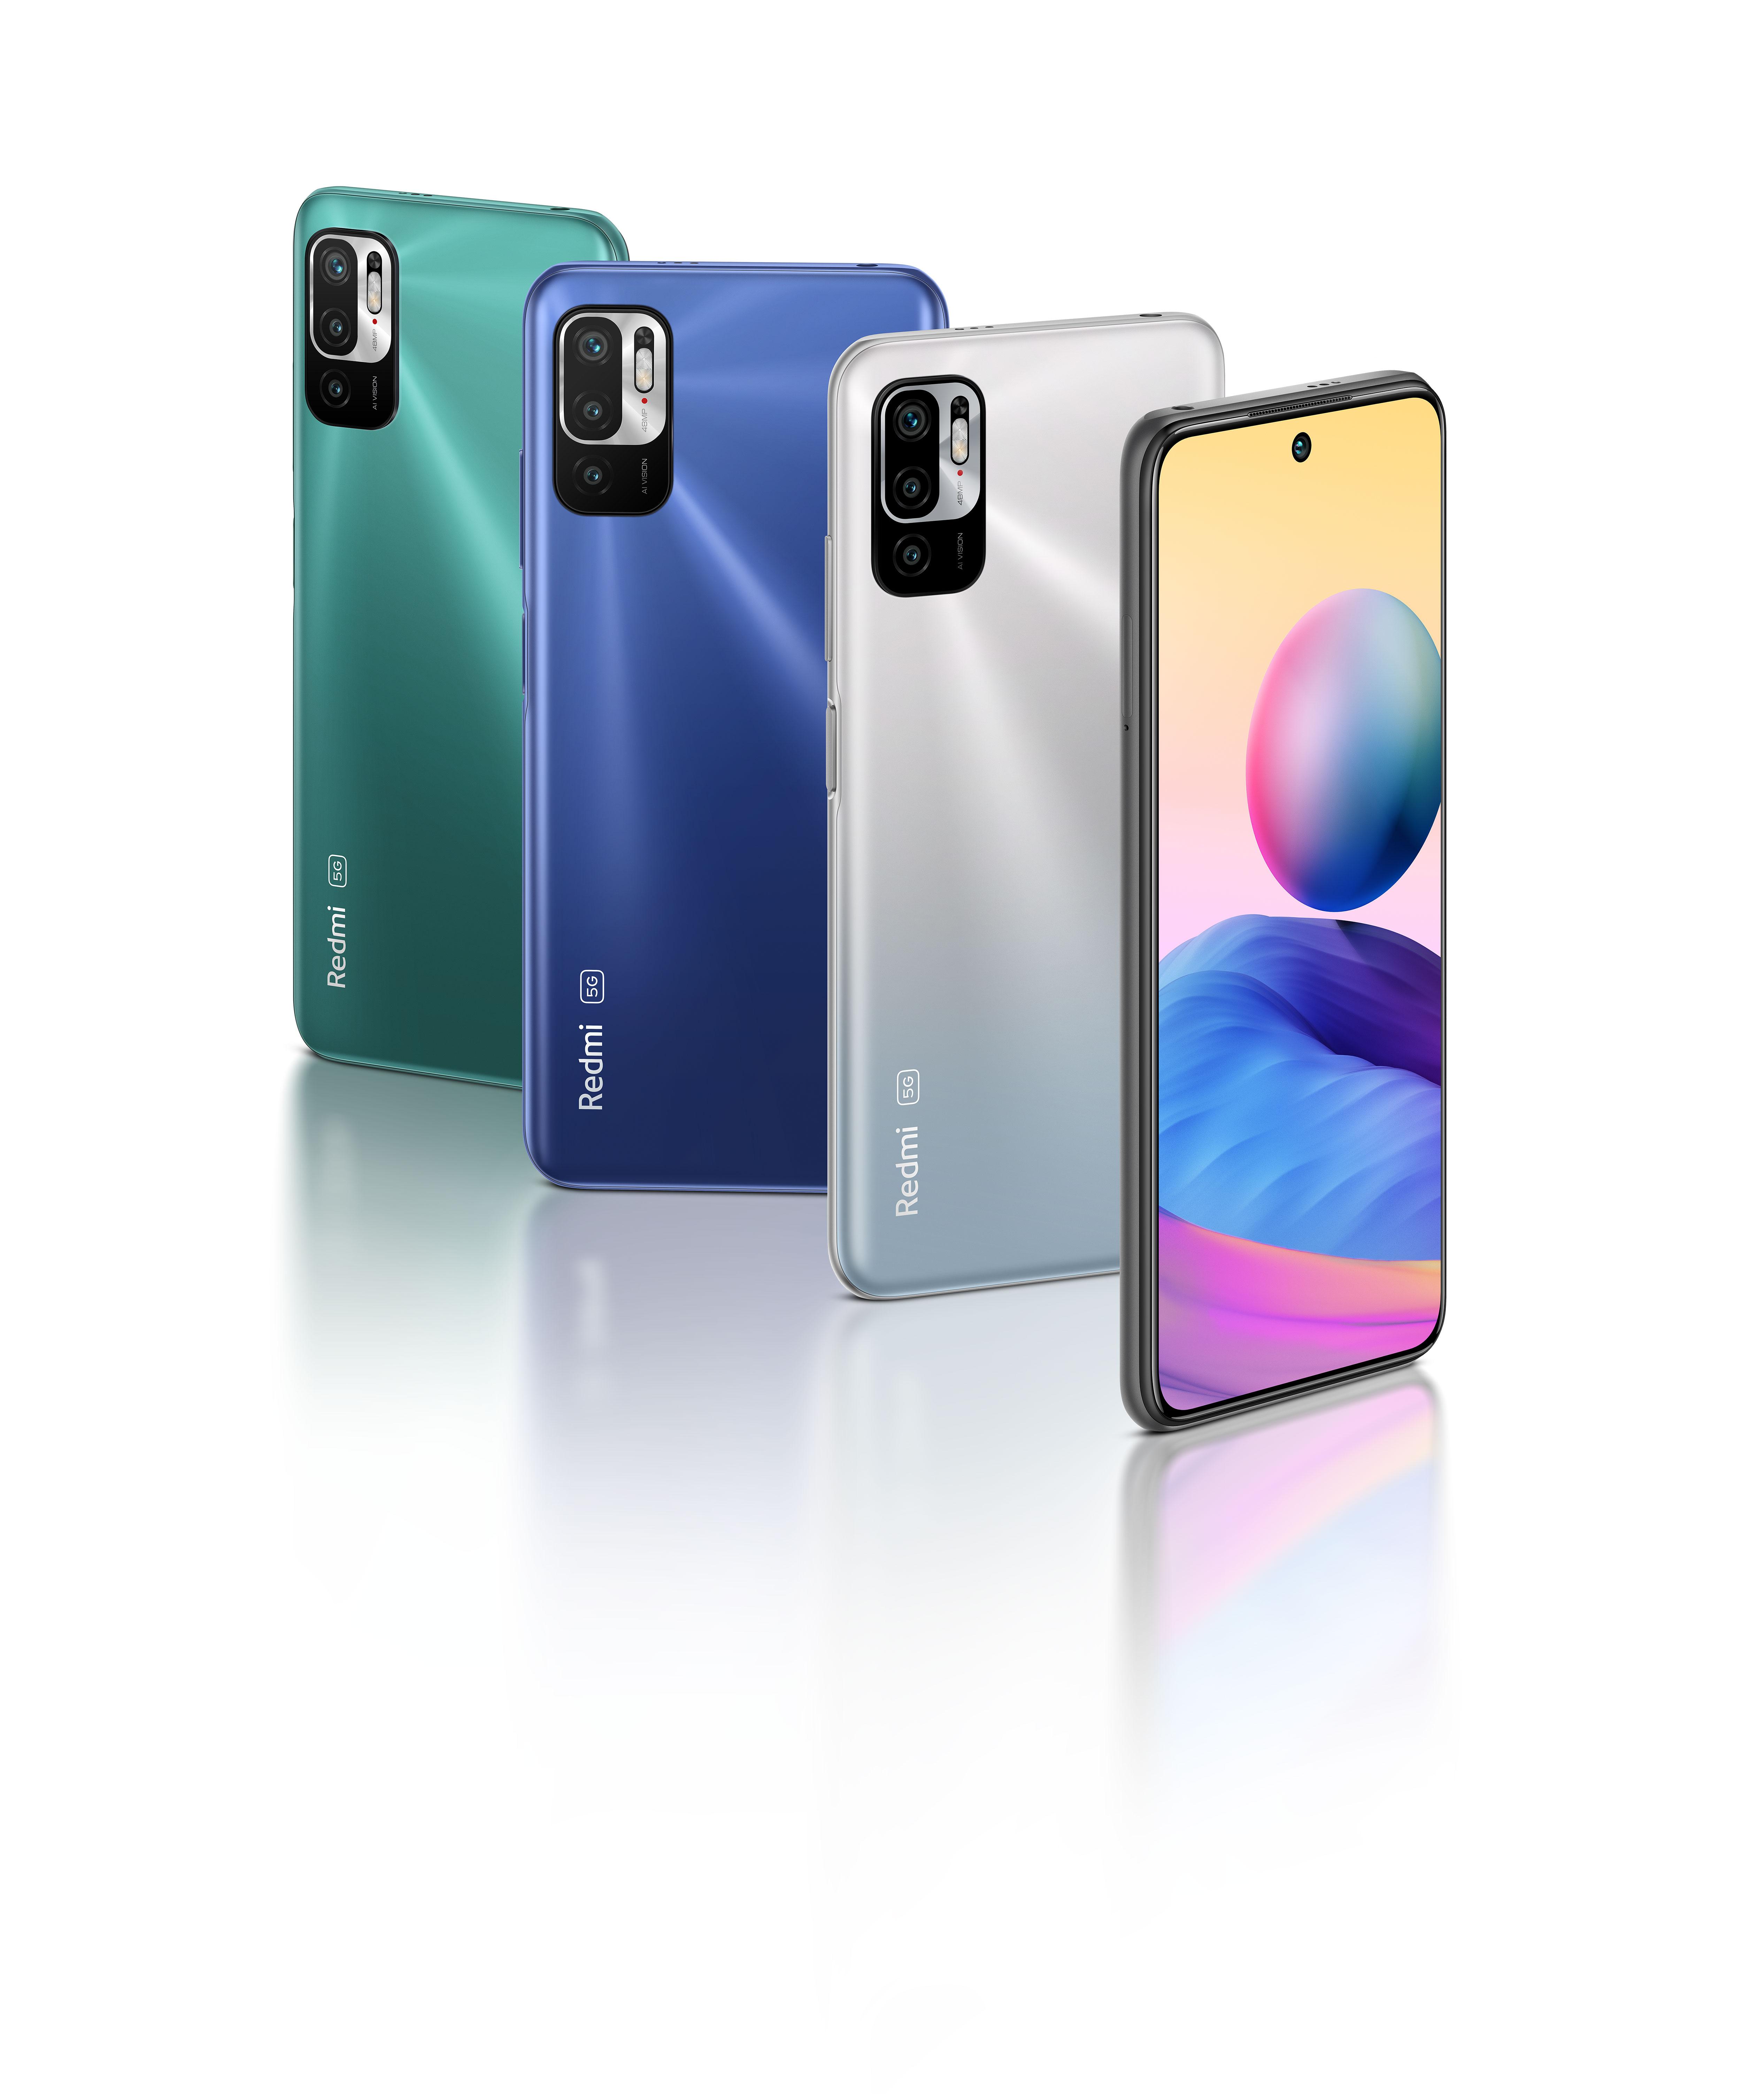 เปิดตัว Redmi Note 10 5G และ Redmi Note 10S พร้อม Mi Smart Band 6 ร่วมด้วย Mi TV P1 Series และ Mi TV Q1